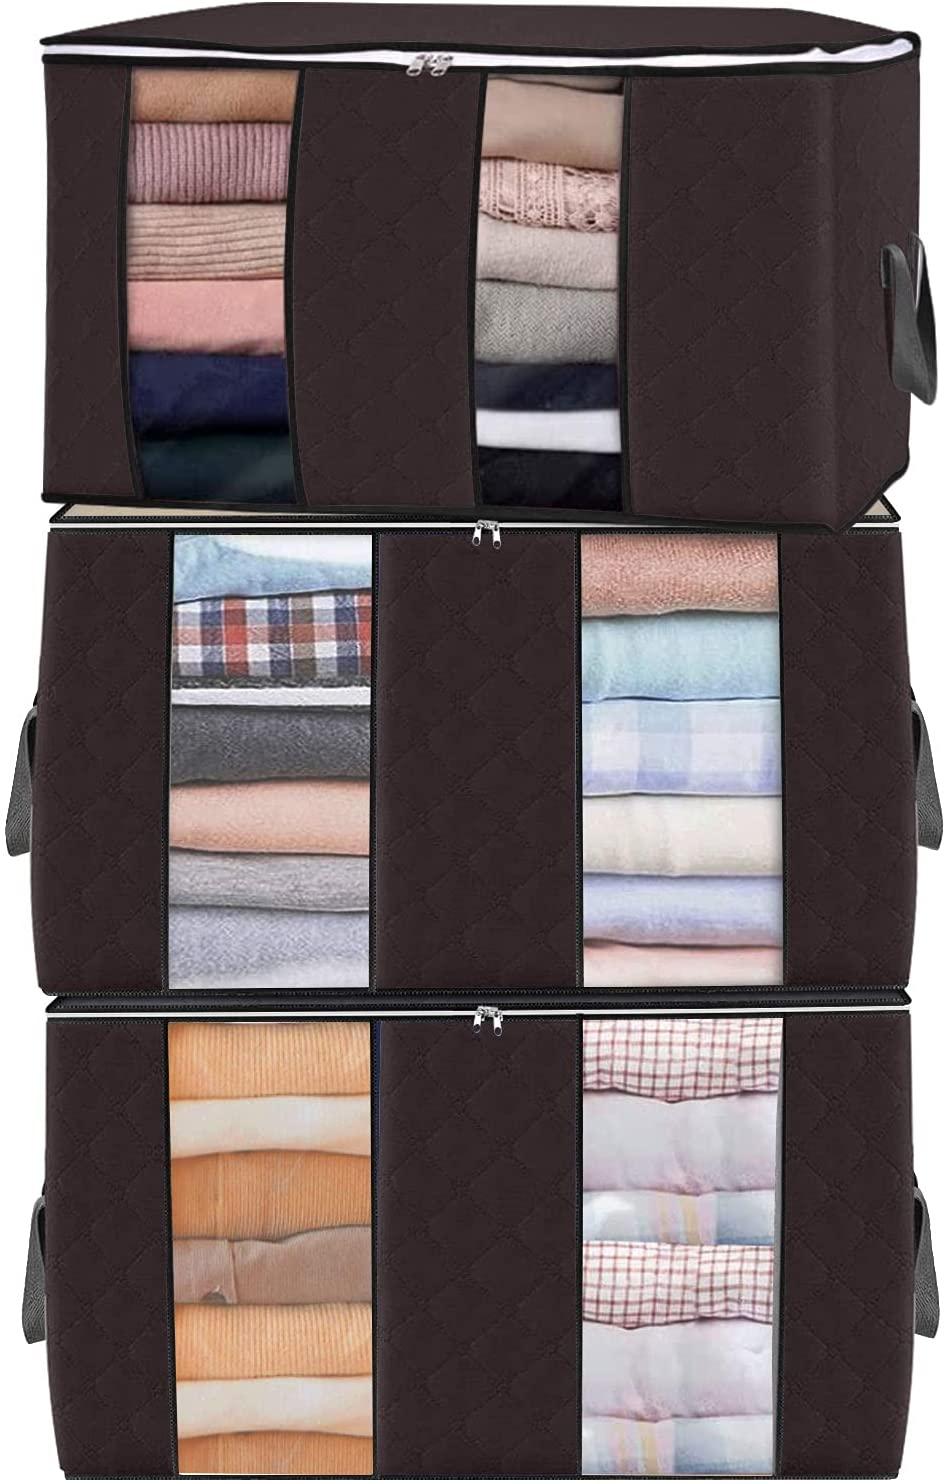 3 حزمة حقيبة التخزين الكبيرة ، طوي Underbed صندوق تخزين ملابس ، التخزين مع مقبض عززت ، Underbed حقيبة التخزين s للملابس